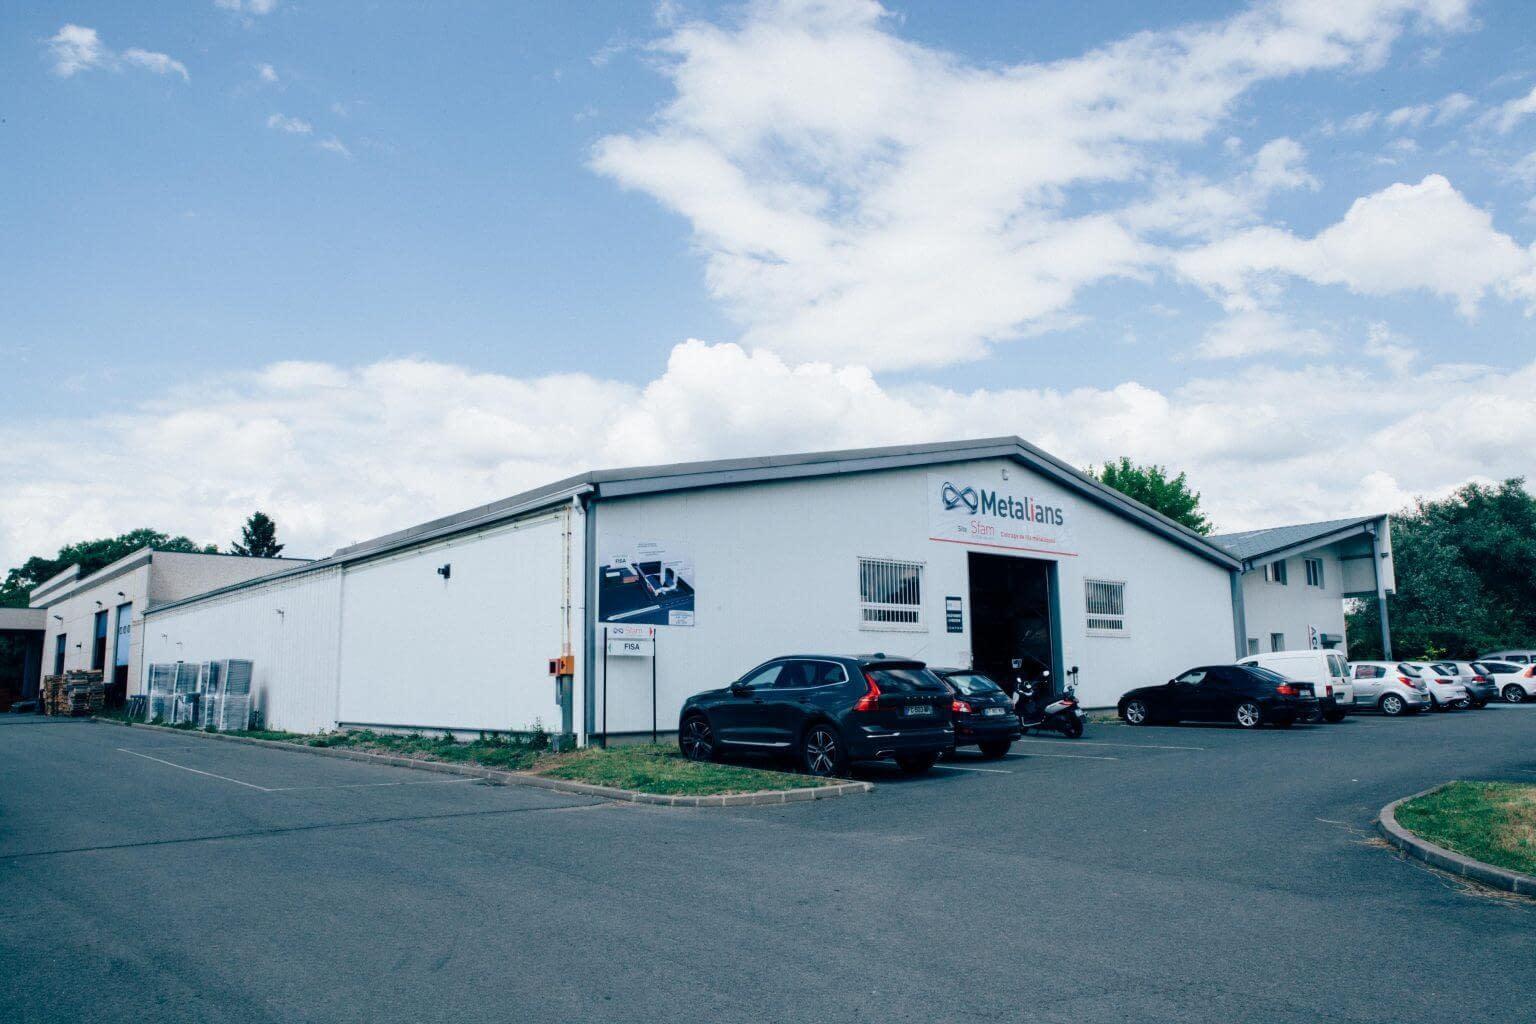 Groupe Metalians : sites de production français spécialisés dans la fabrication de pièces métalliques.